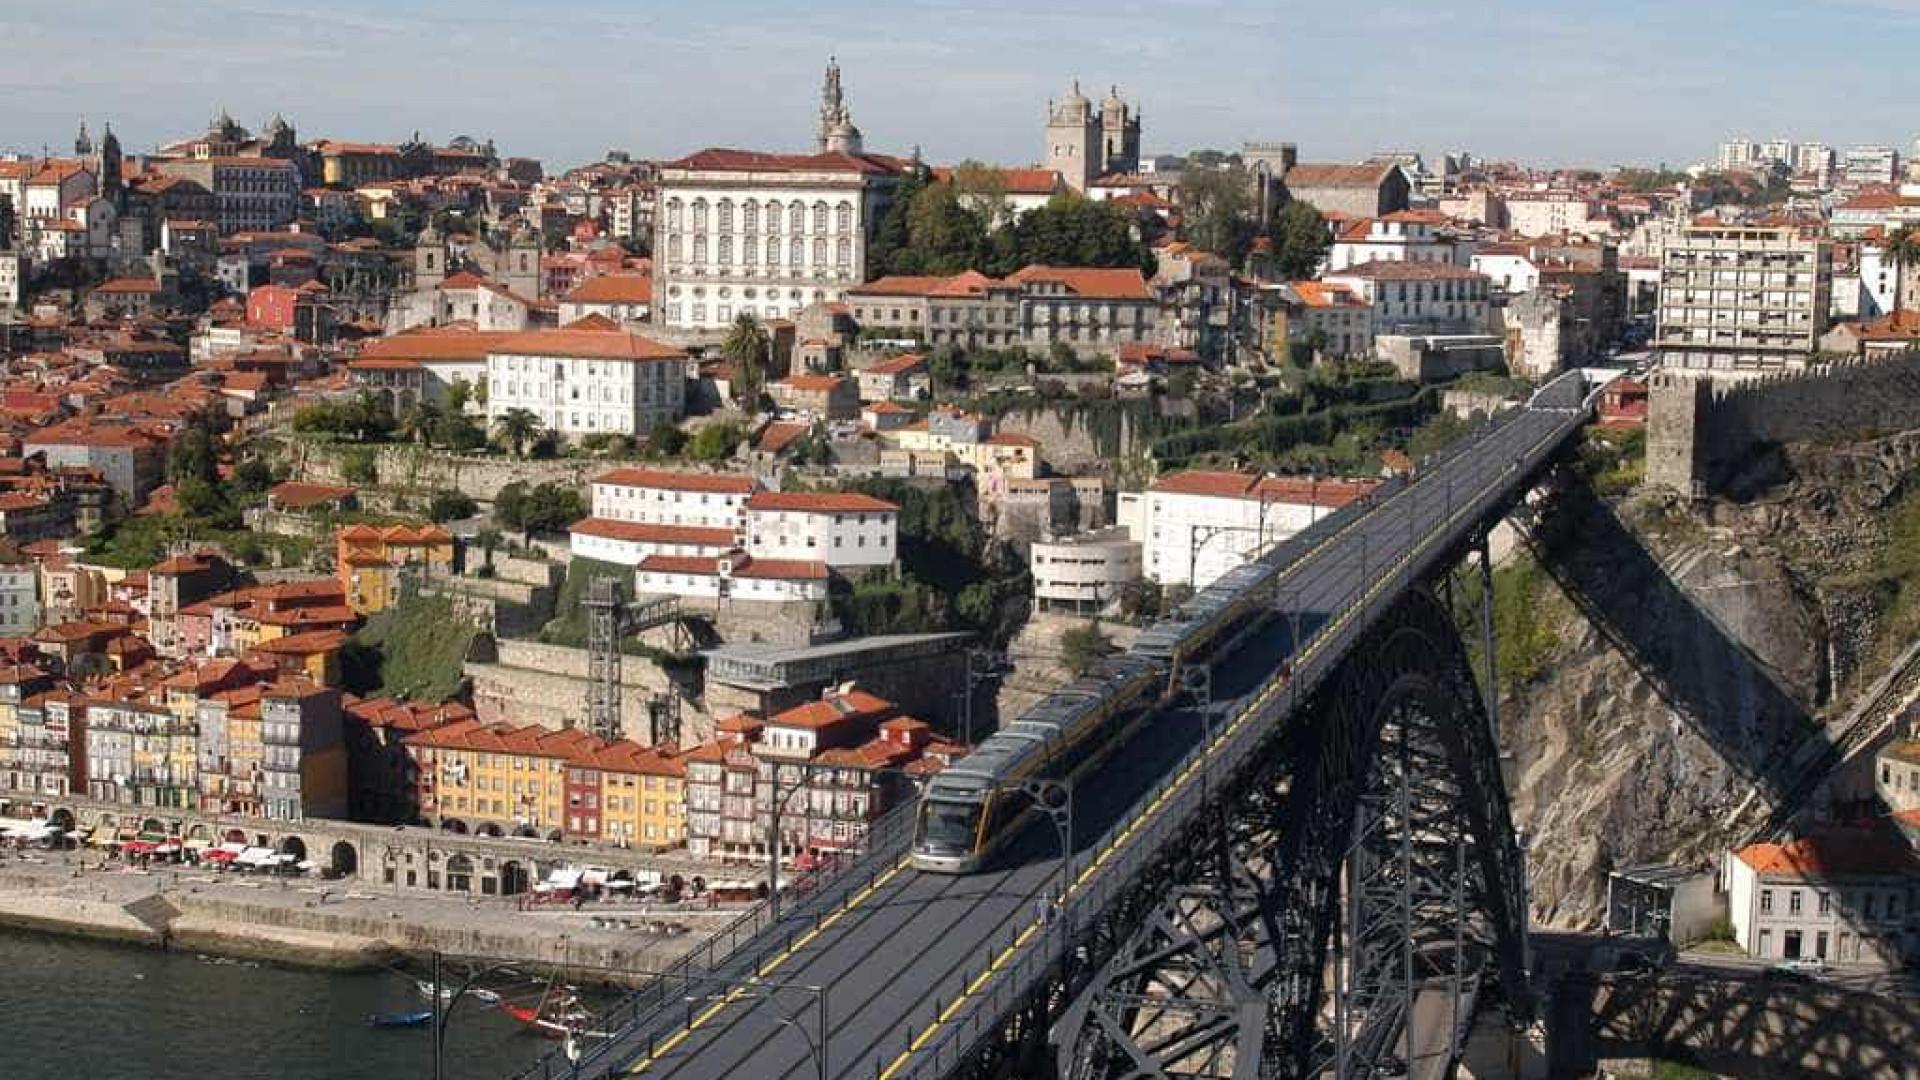 Associação de Turismo do Porto investe meio milhão em mercados emergentes